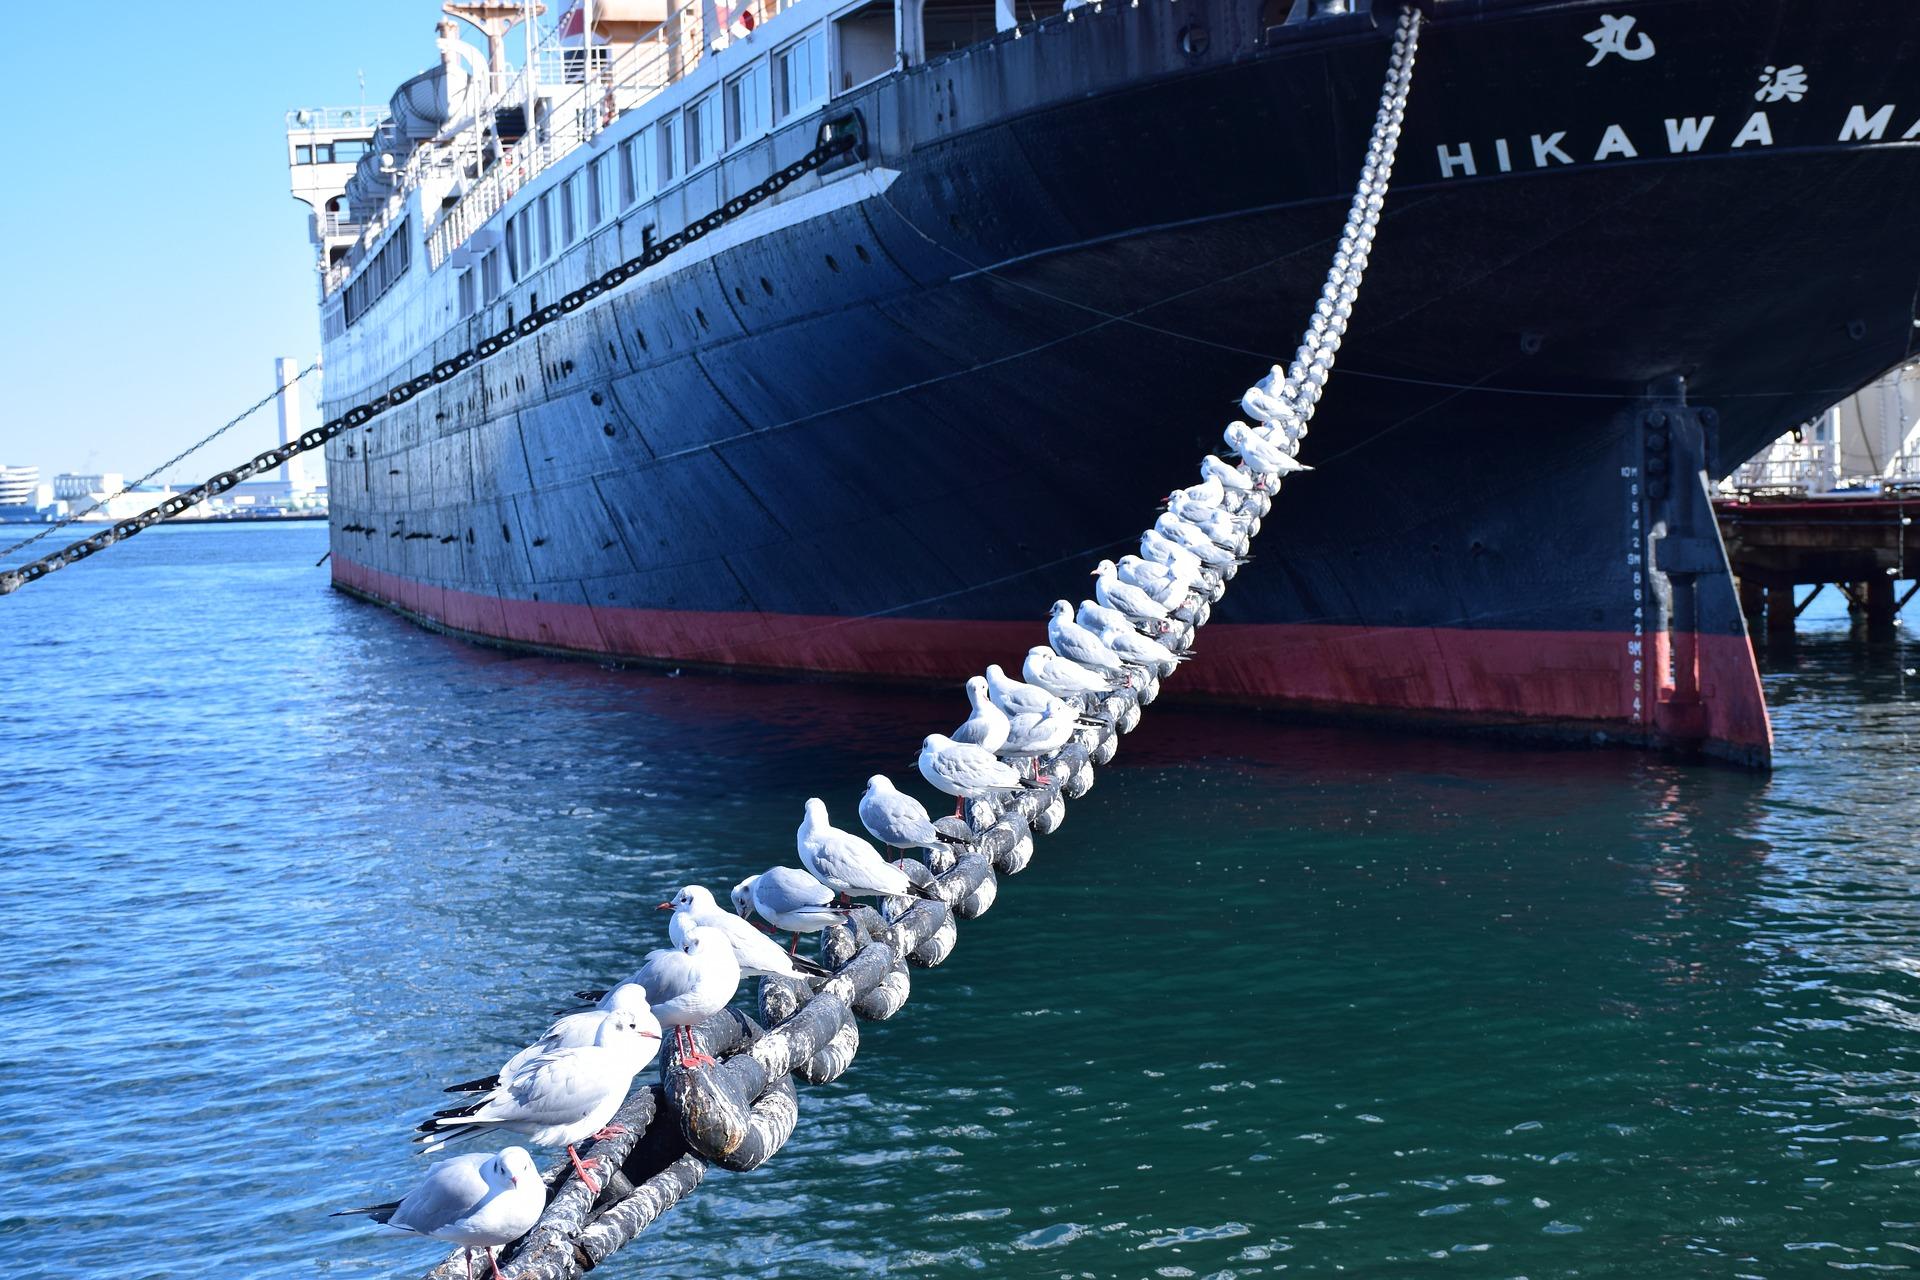 Bogastvo ruskega daljnegavzhoda: morska hrana